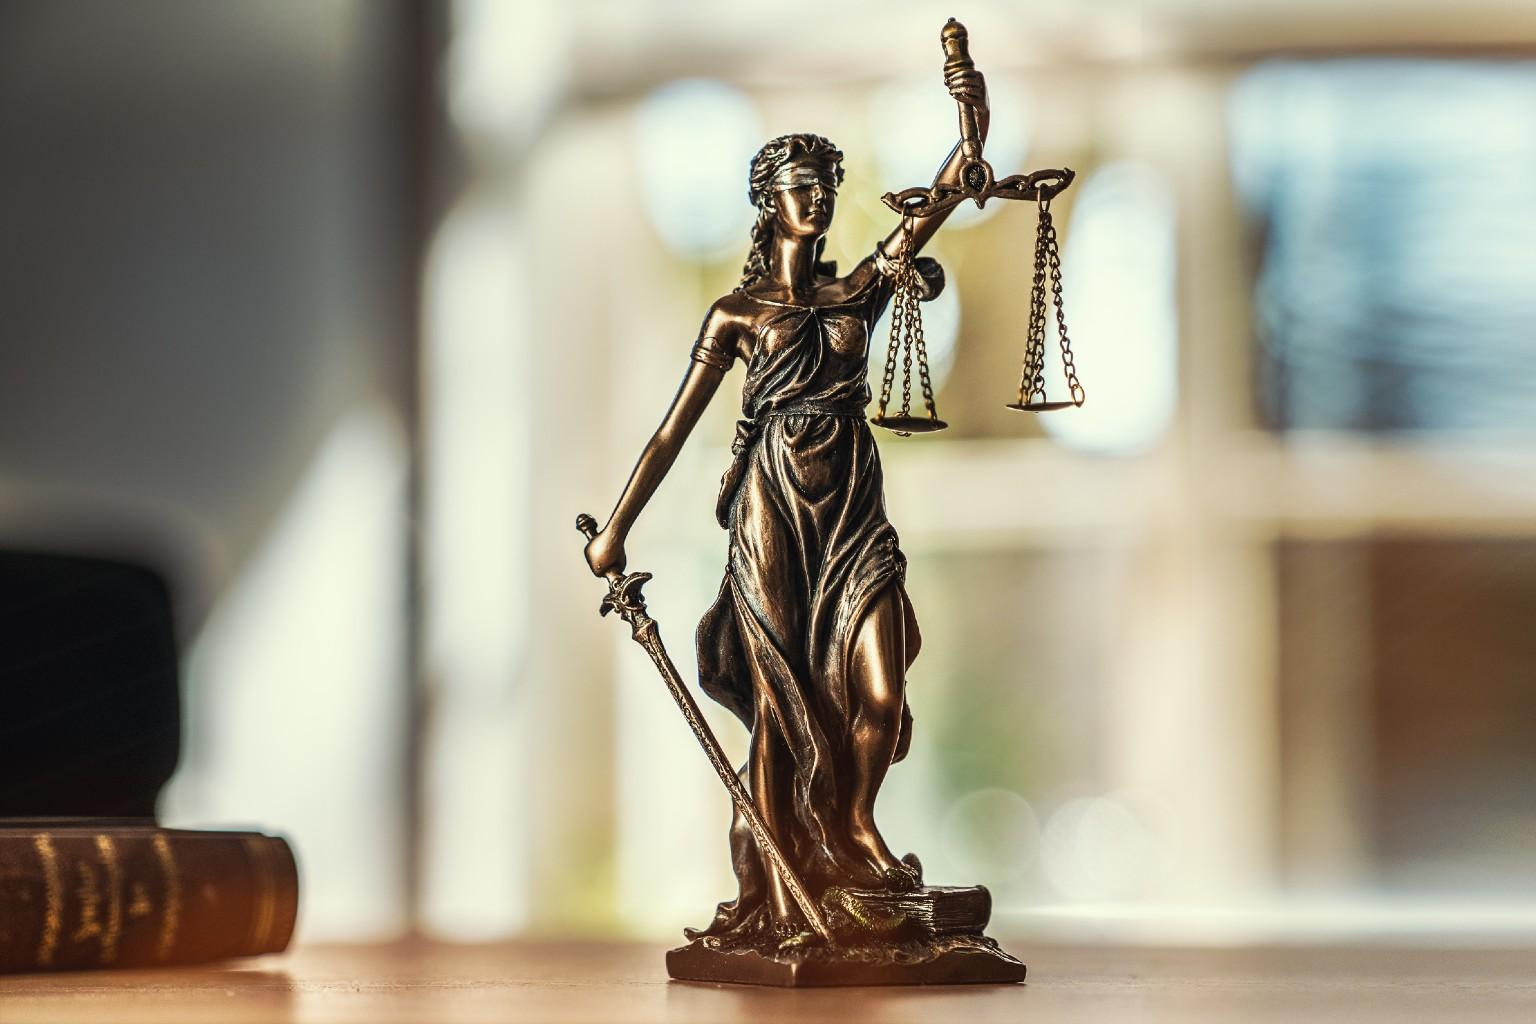 Aktuelle Rechtsprechung und Fälle zum Straf- und Strafprozessrecht